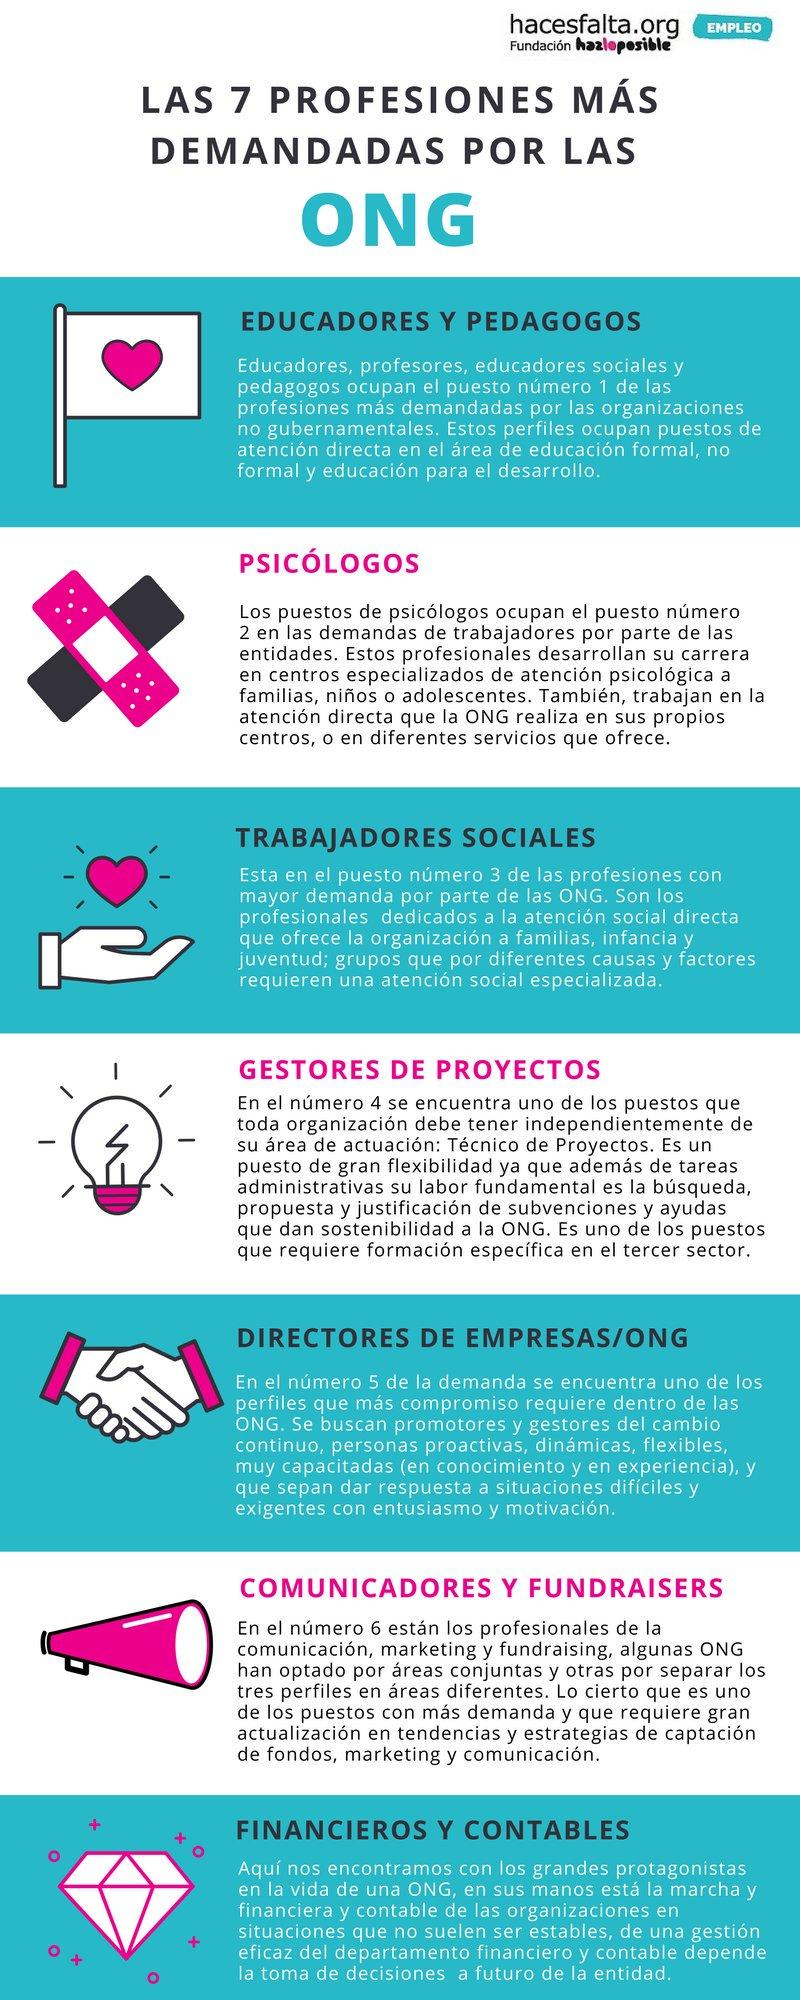 7 profesiones más demandadas por la ONG